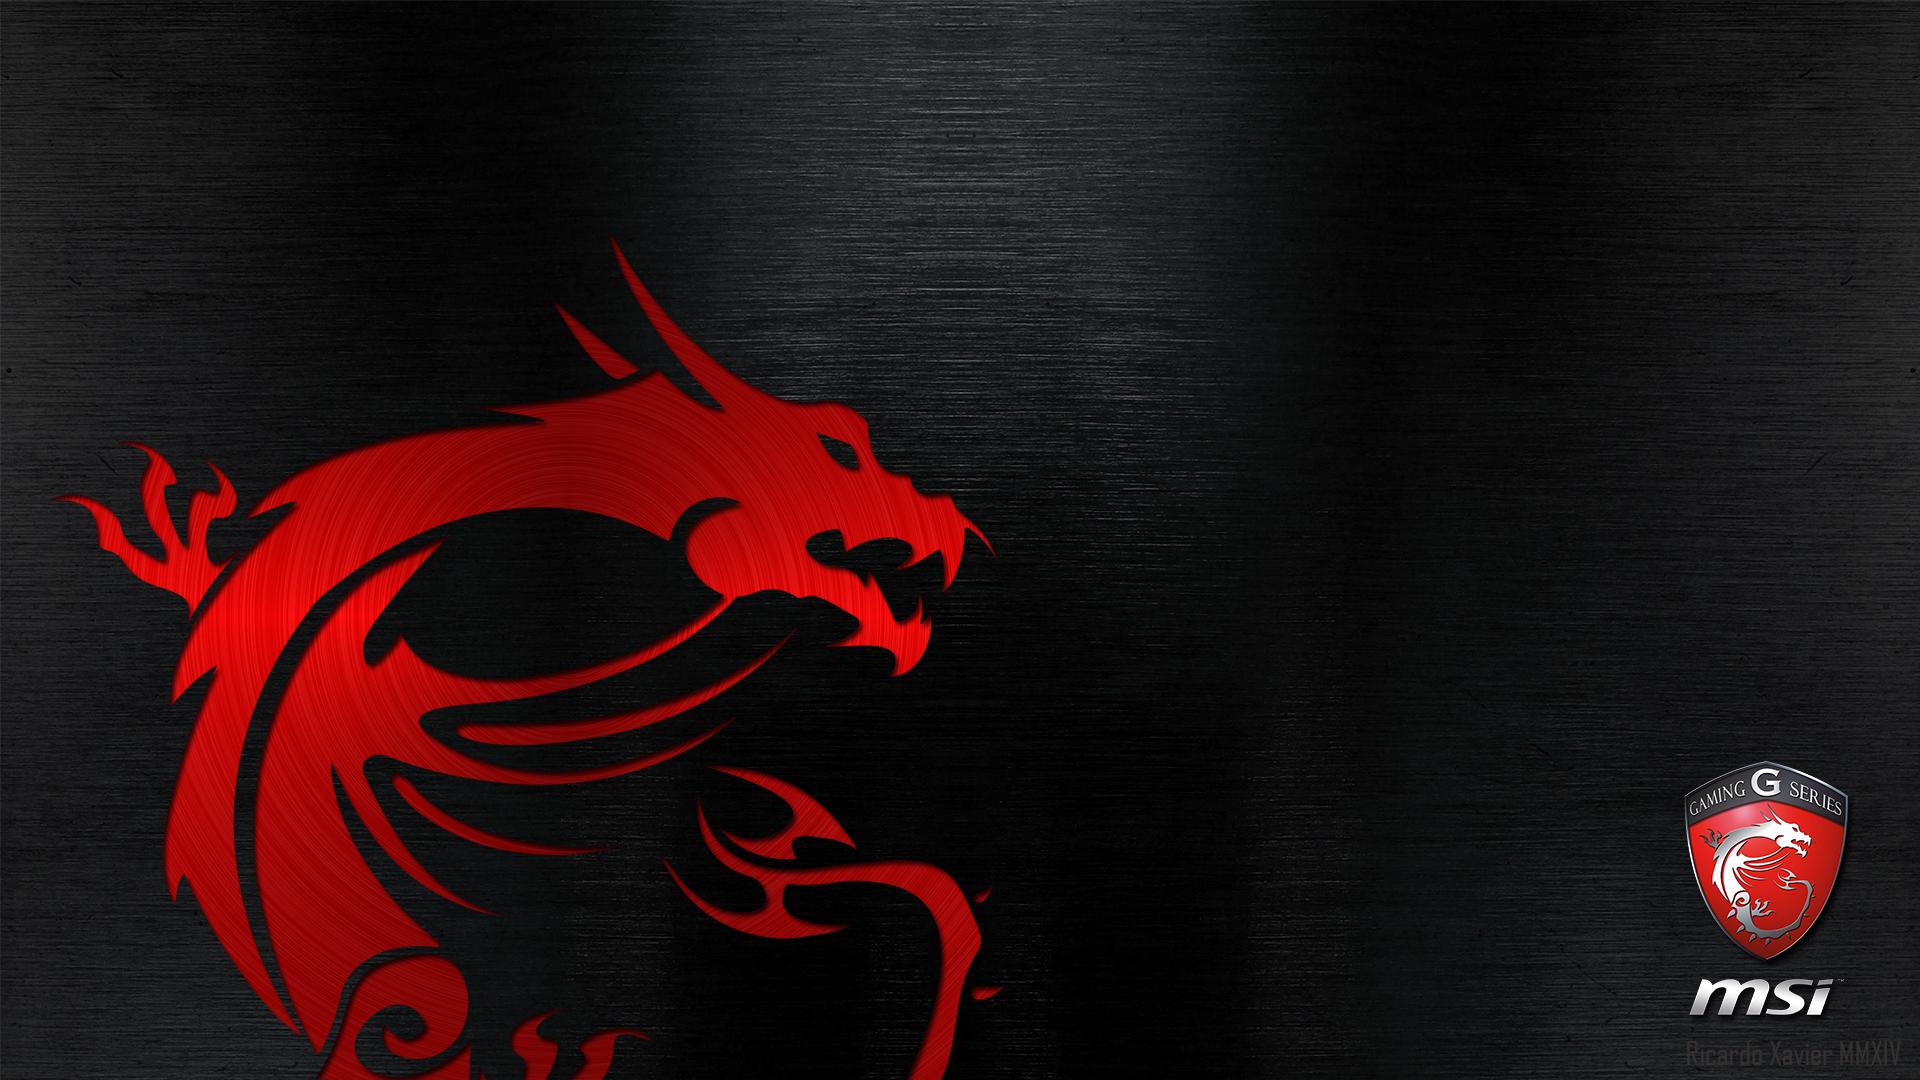 MSI Gaming Wallpaper   red dragon emobossed 19201080 MSI 1920x1080